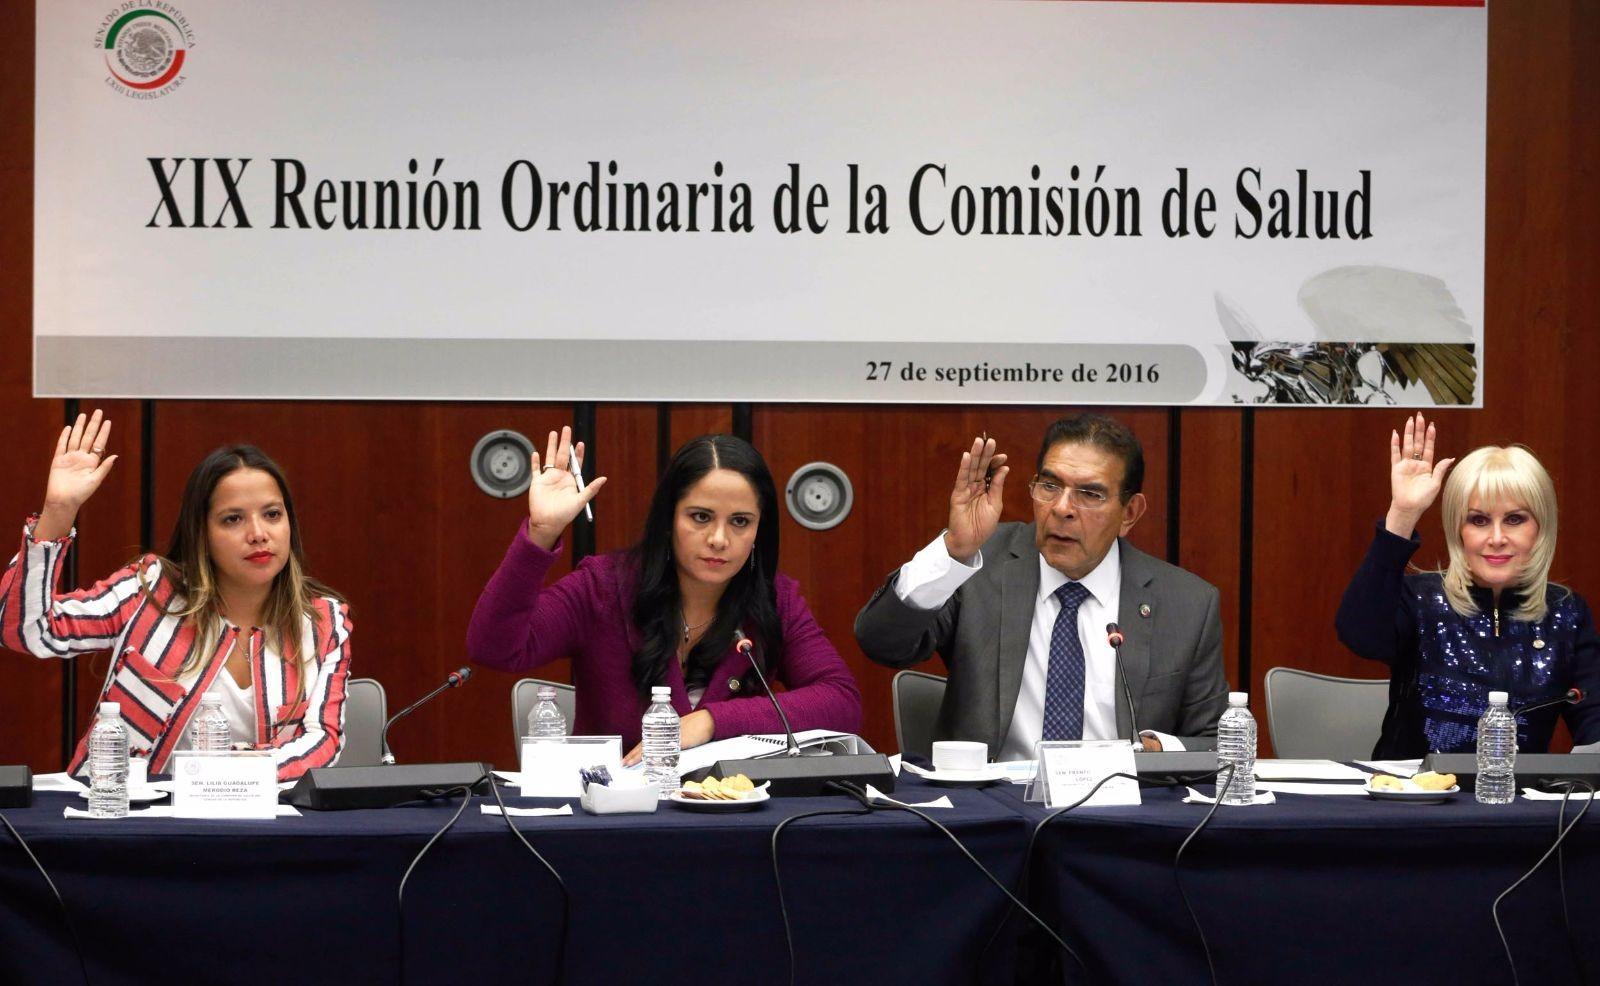 A la reunión de trabajo de la Comisión de Salud asistieron las senadoras Lilia Guadalupe Merodio Reza, Hilda Ceballos Llerenas y Anabel Acosta Islas, y Andrea García García.